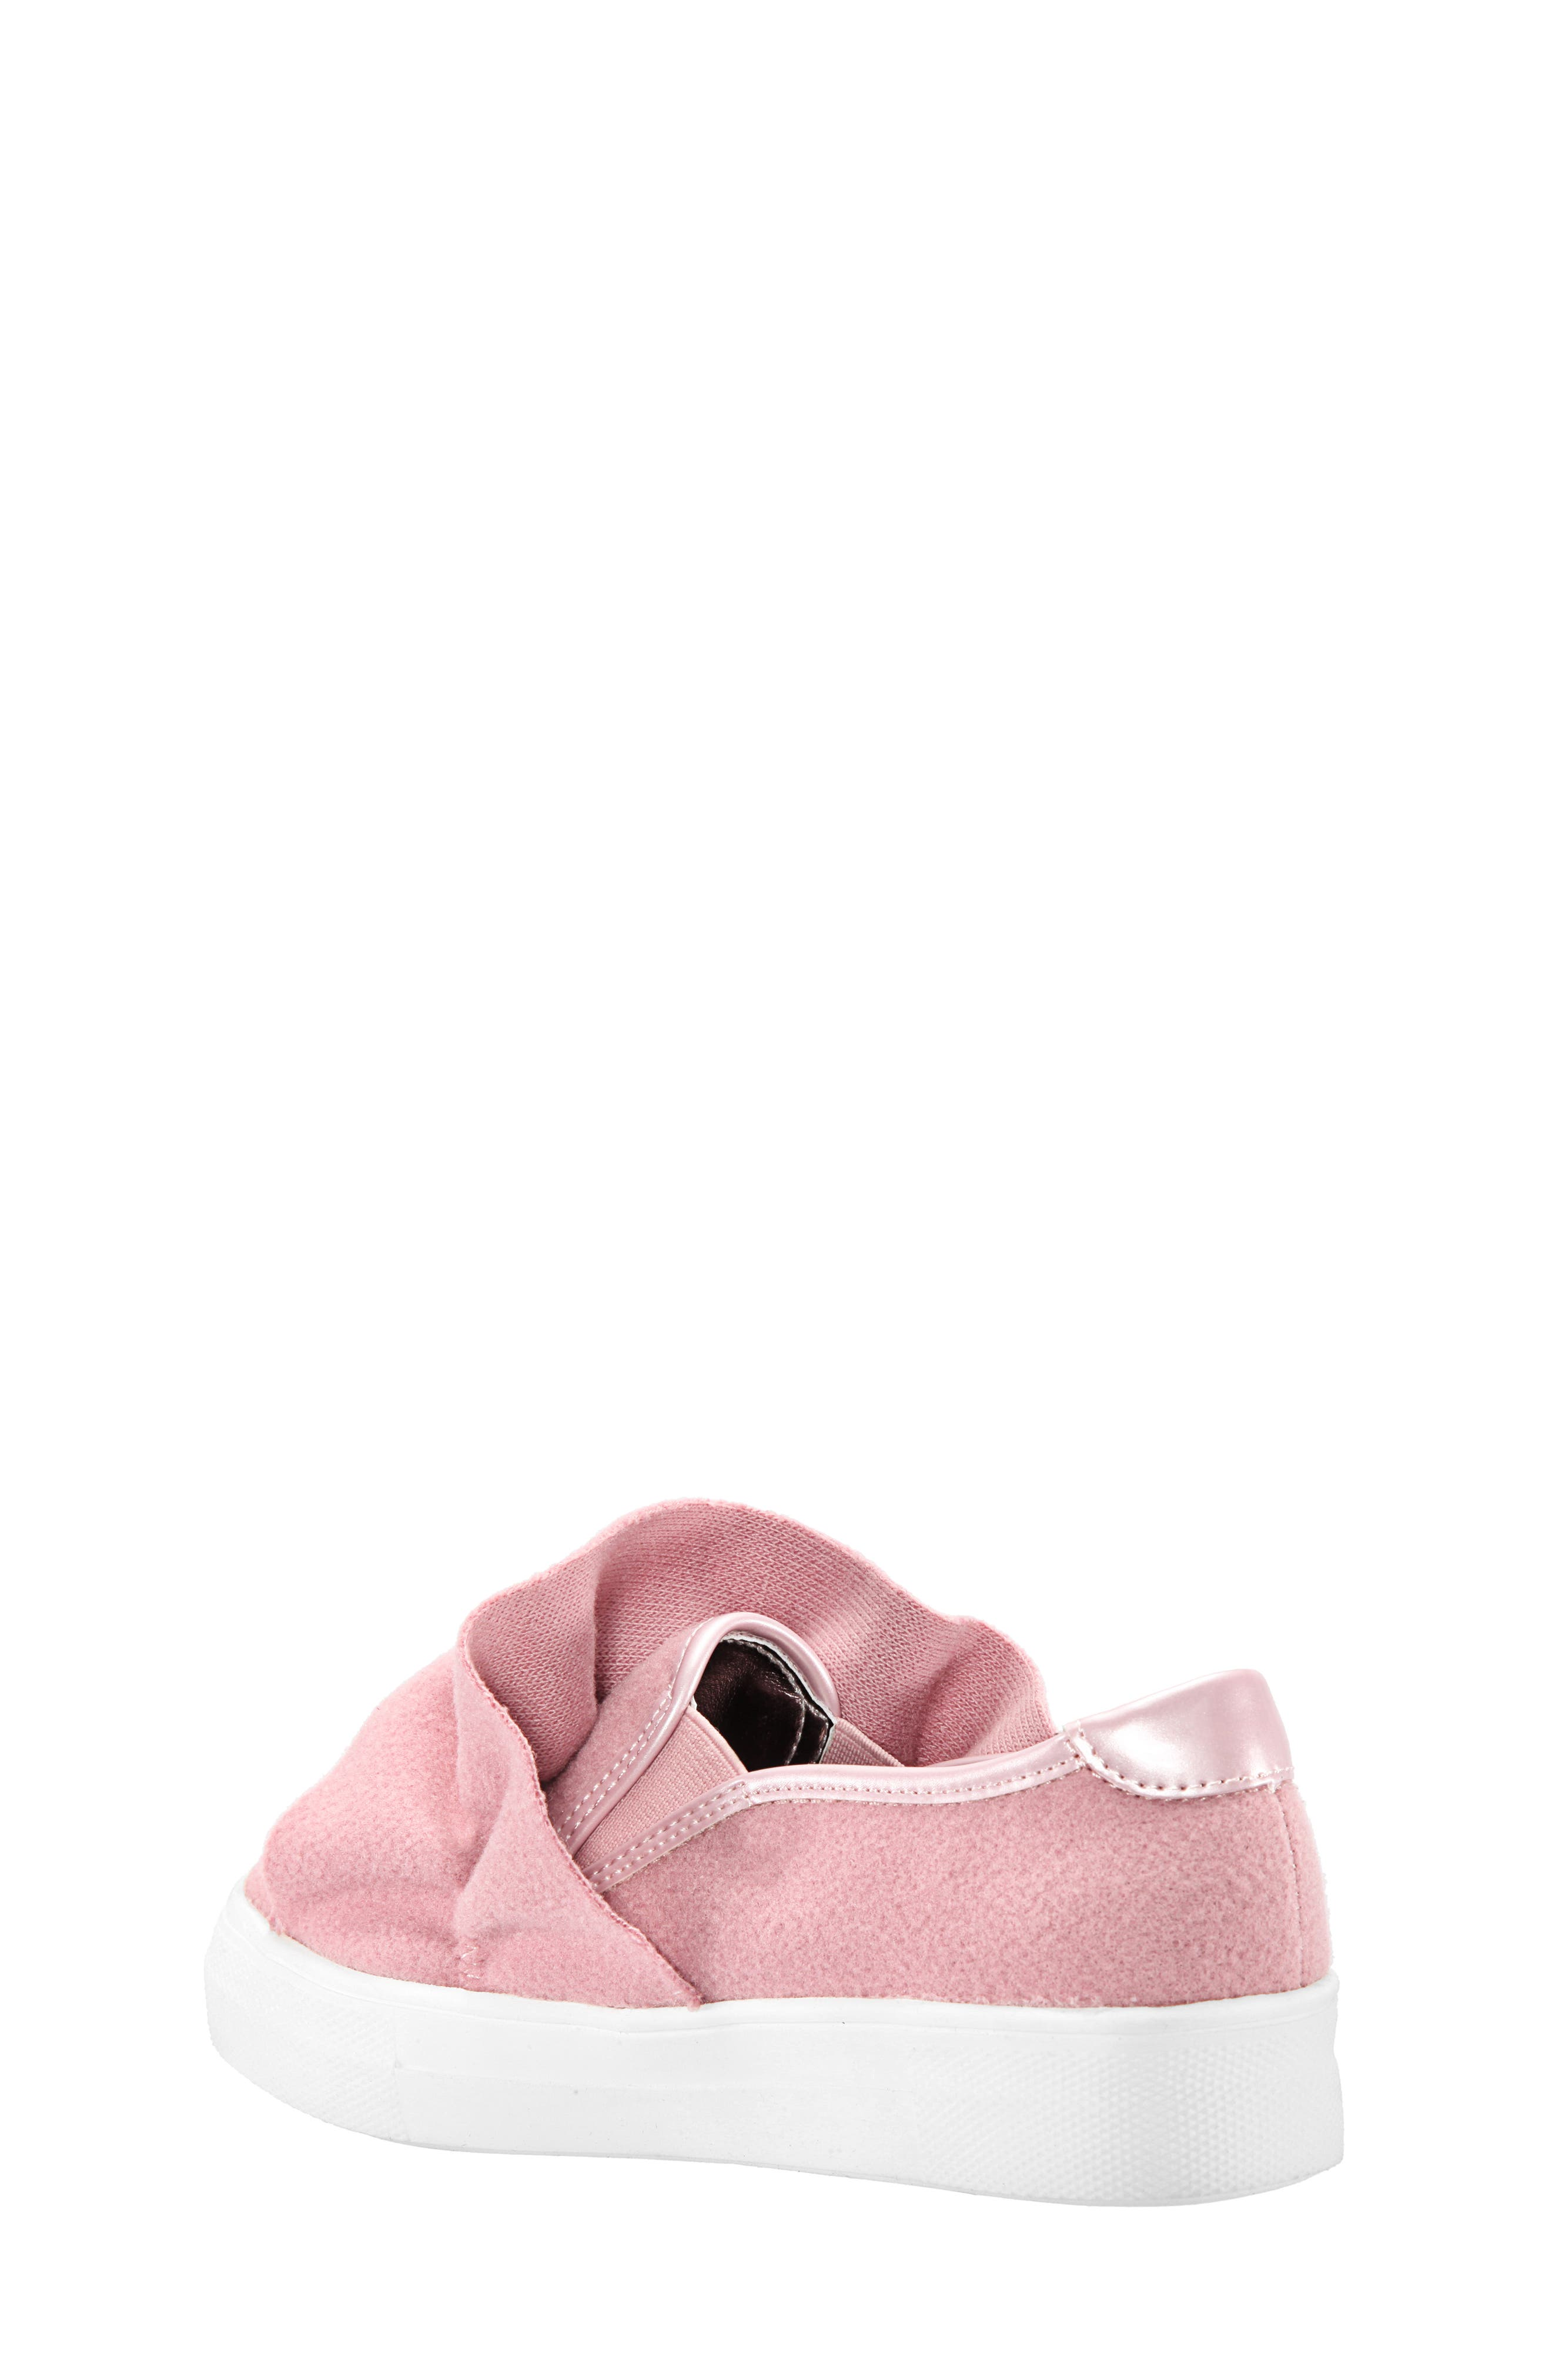 Ivani Slip-On Sneaker,                             Alternate thumbnail 2, color,                             Blush Flannel